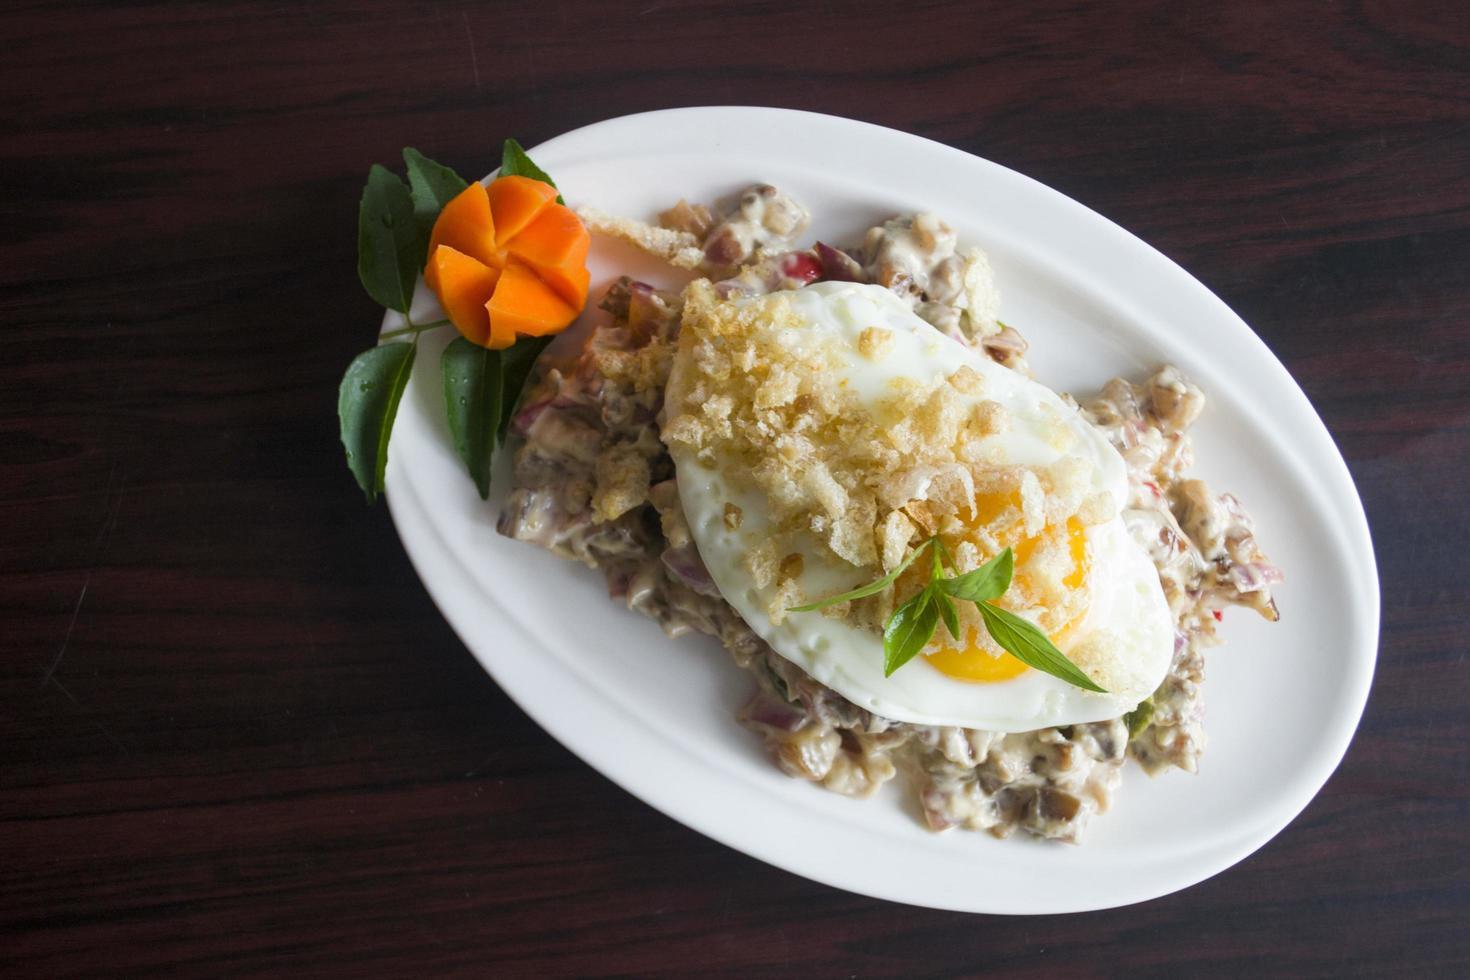 piatto con uovo soleggiato foto